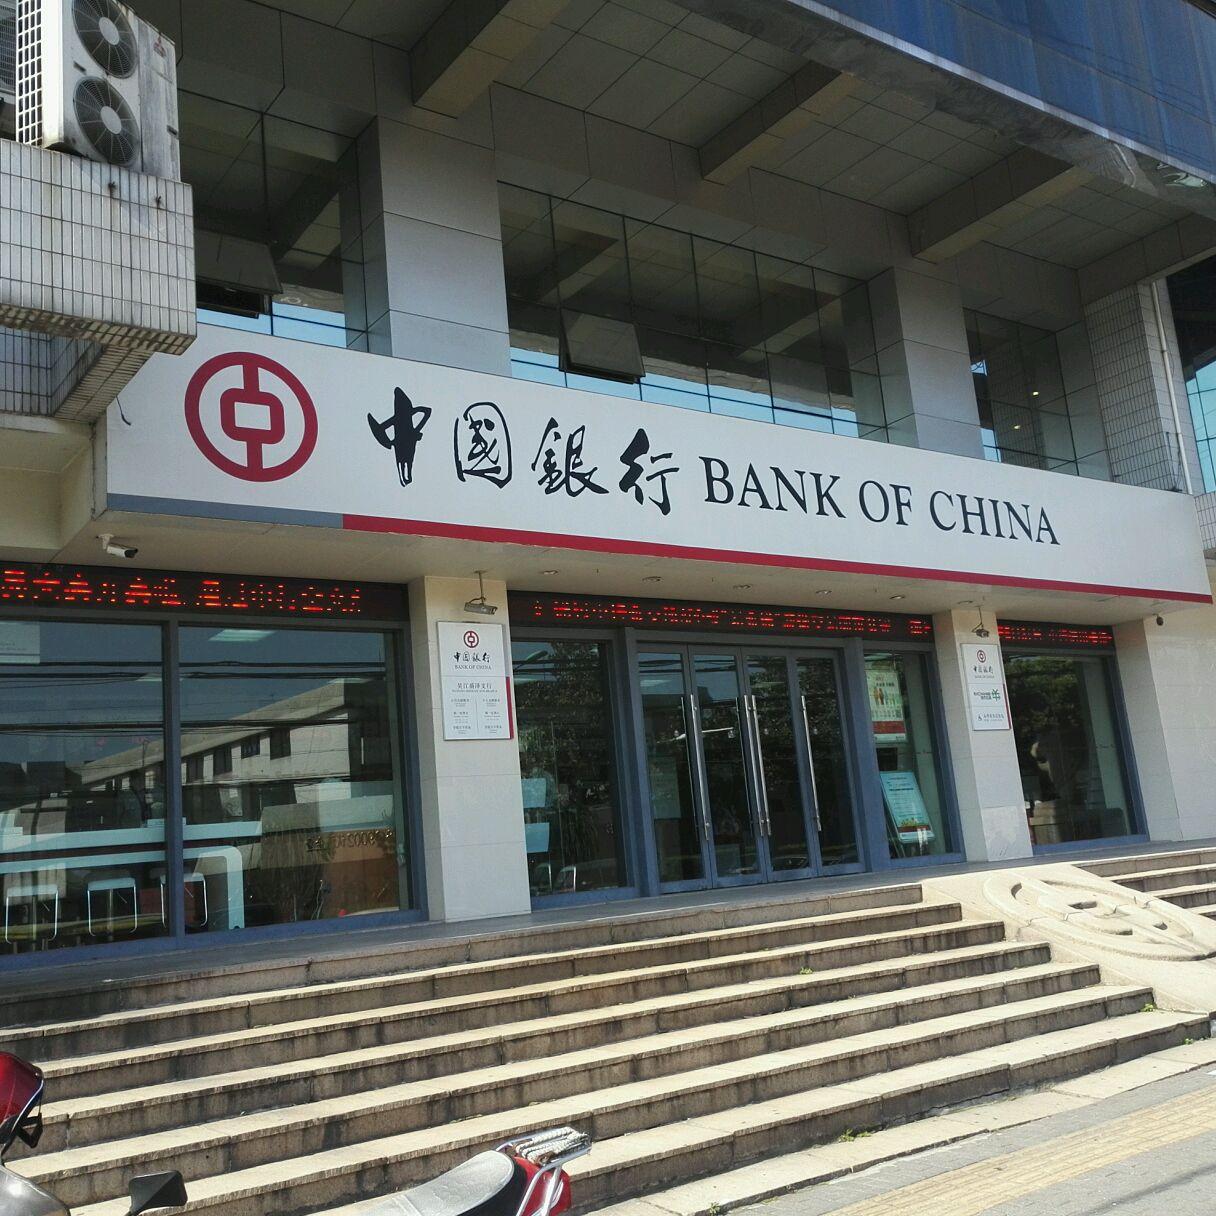 中国银行杭州分行_中国银行(吴江盛泽德艺支行店)